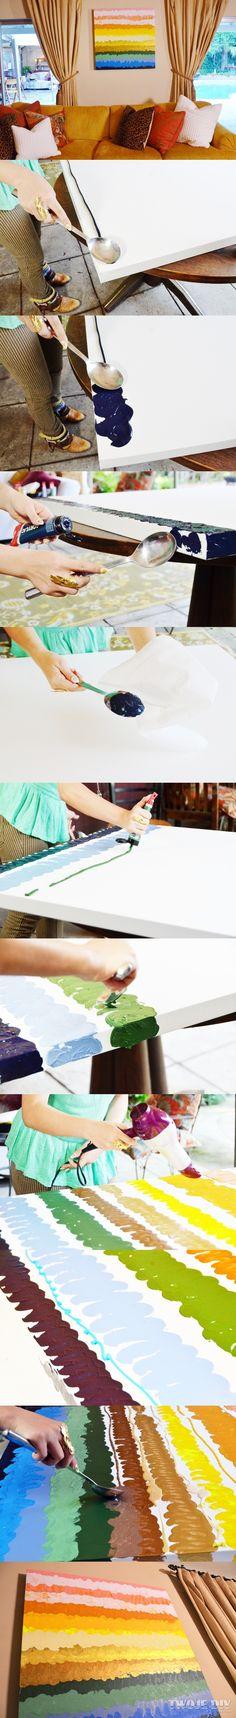 Malowane łyżką